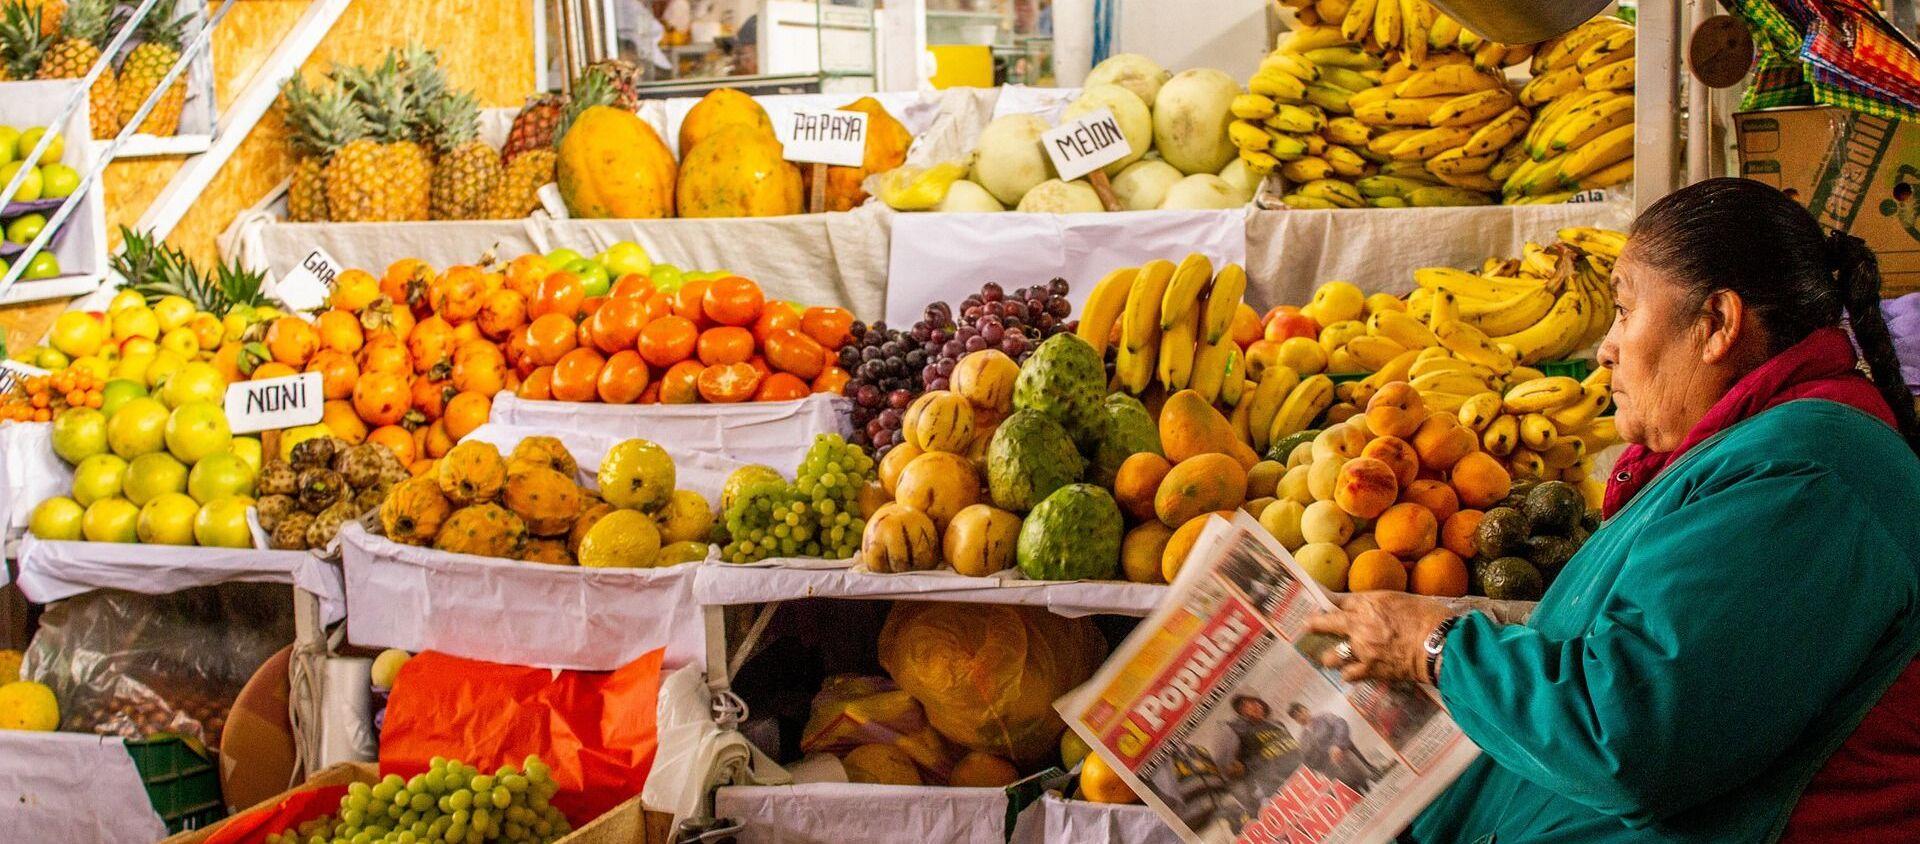 Una tienda de frutas en Perú - Sputnik Mundo, 1920, 01.06.2020